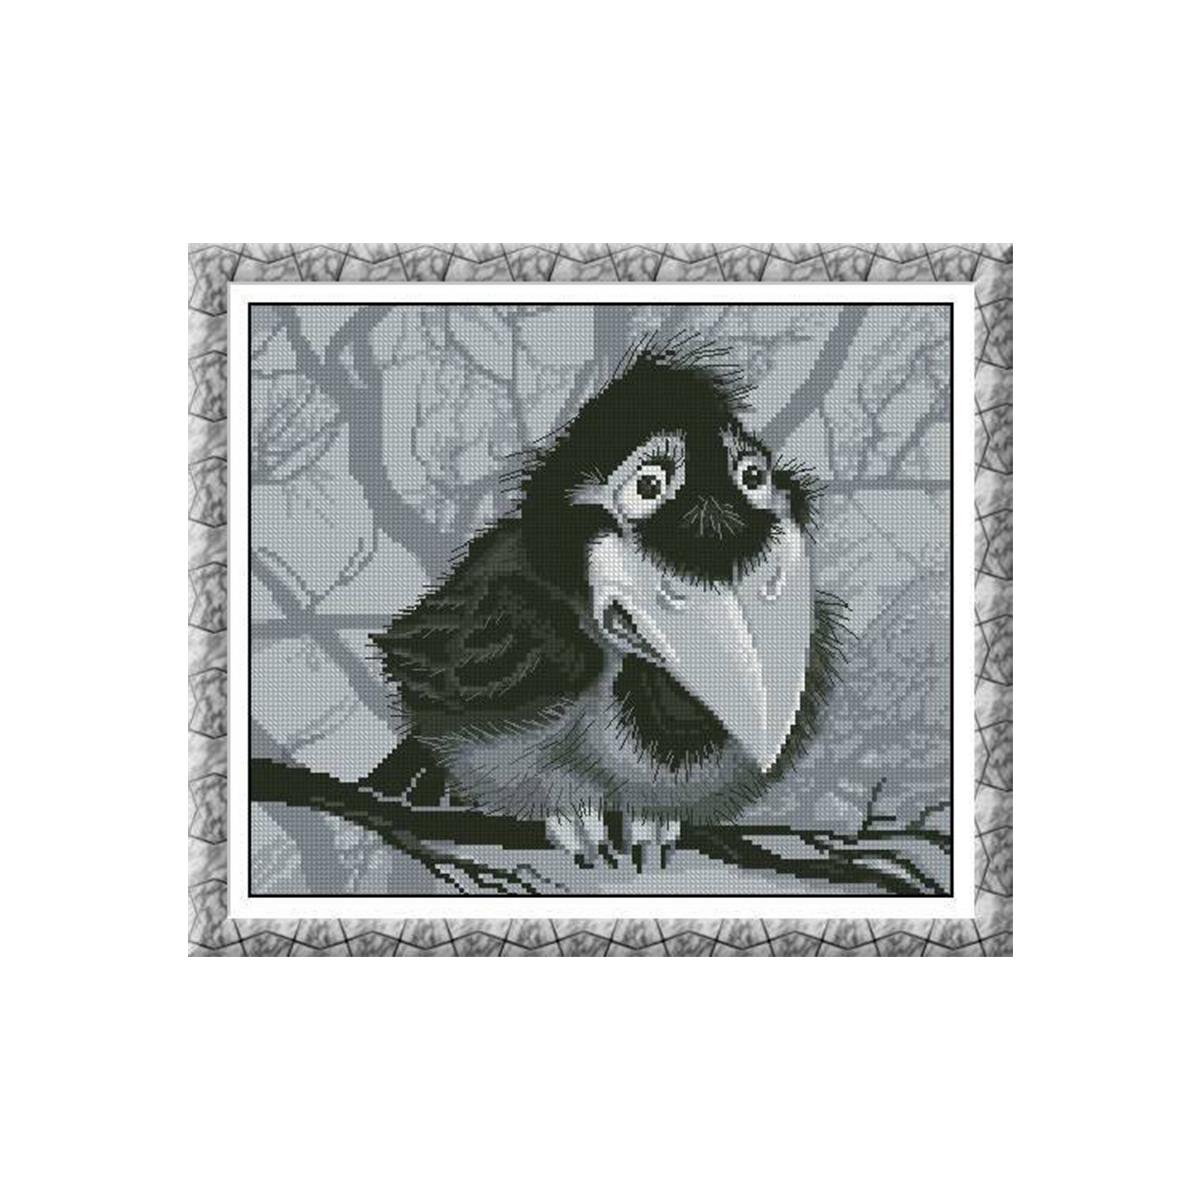 Набор для вышивания Alisena Вороненок, 22 x 19 см486097